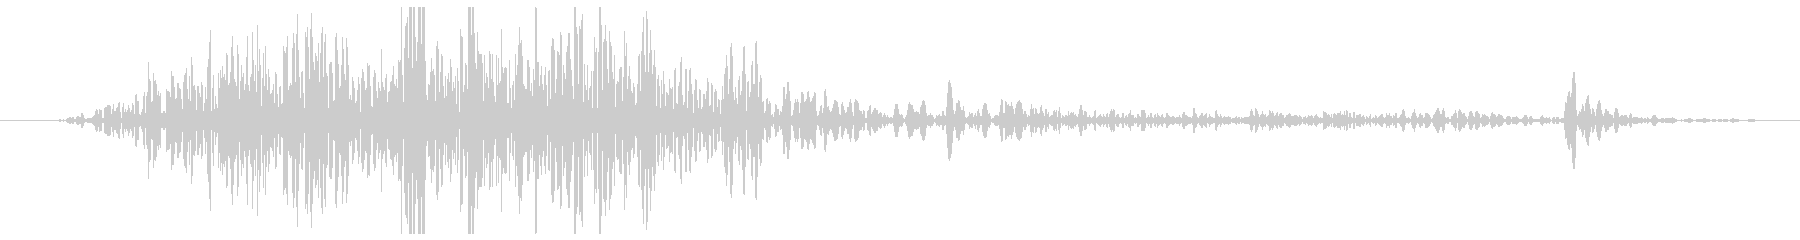 手動カッター:シングルカット、オフ...の未再生の波形